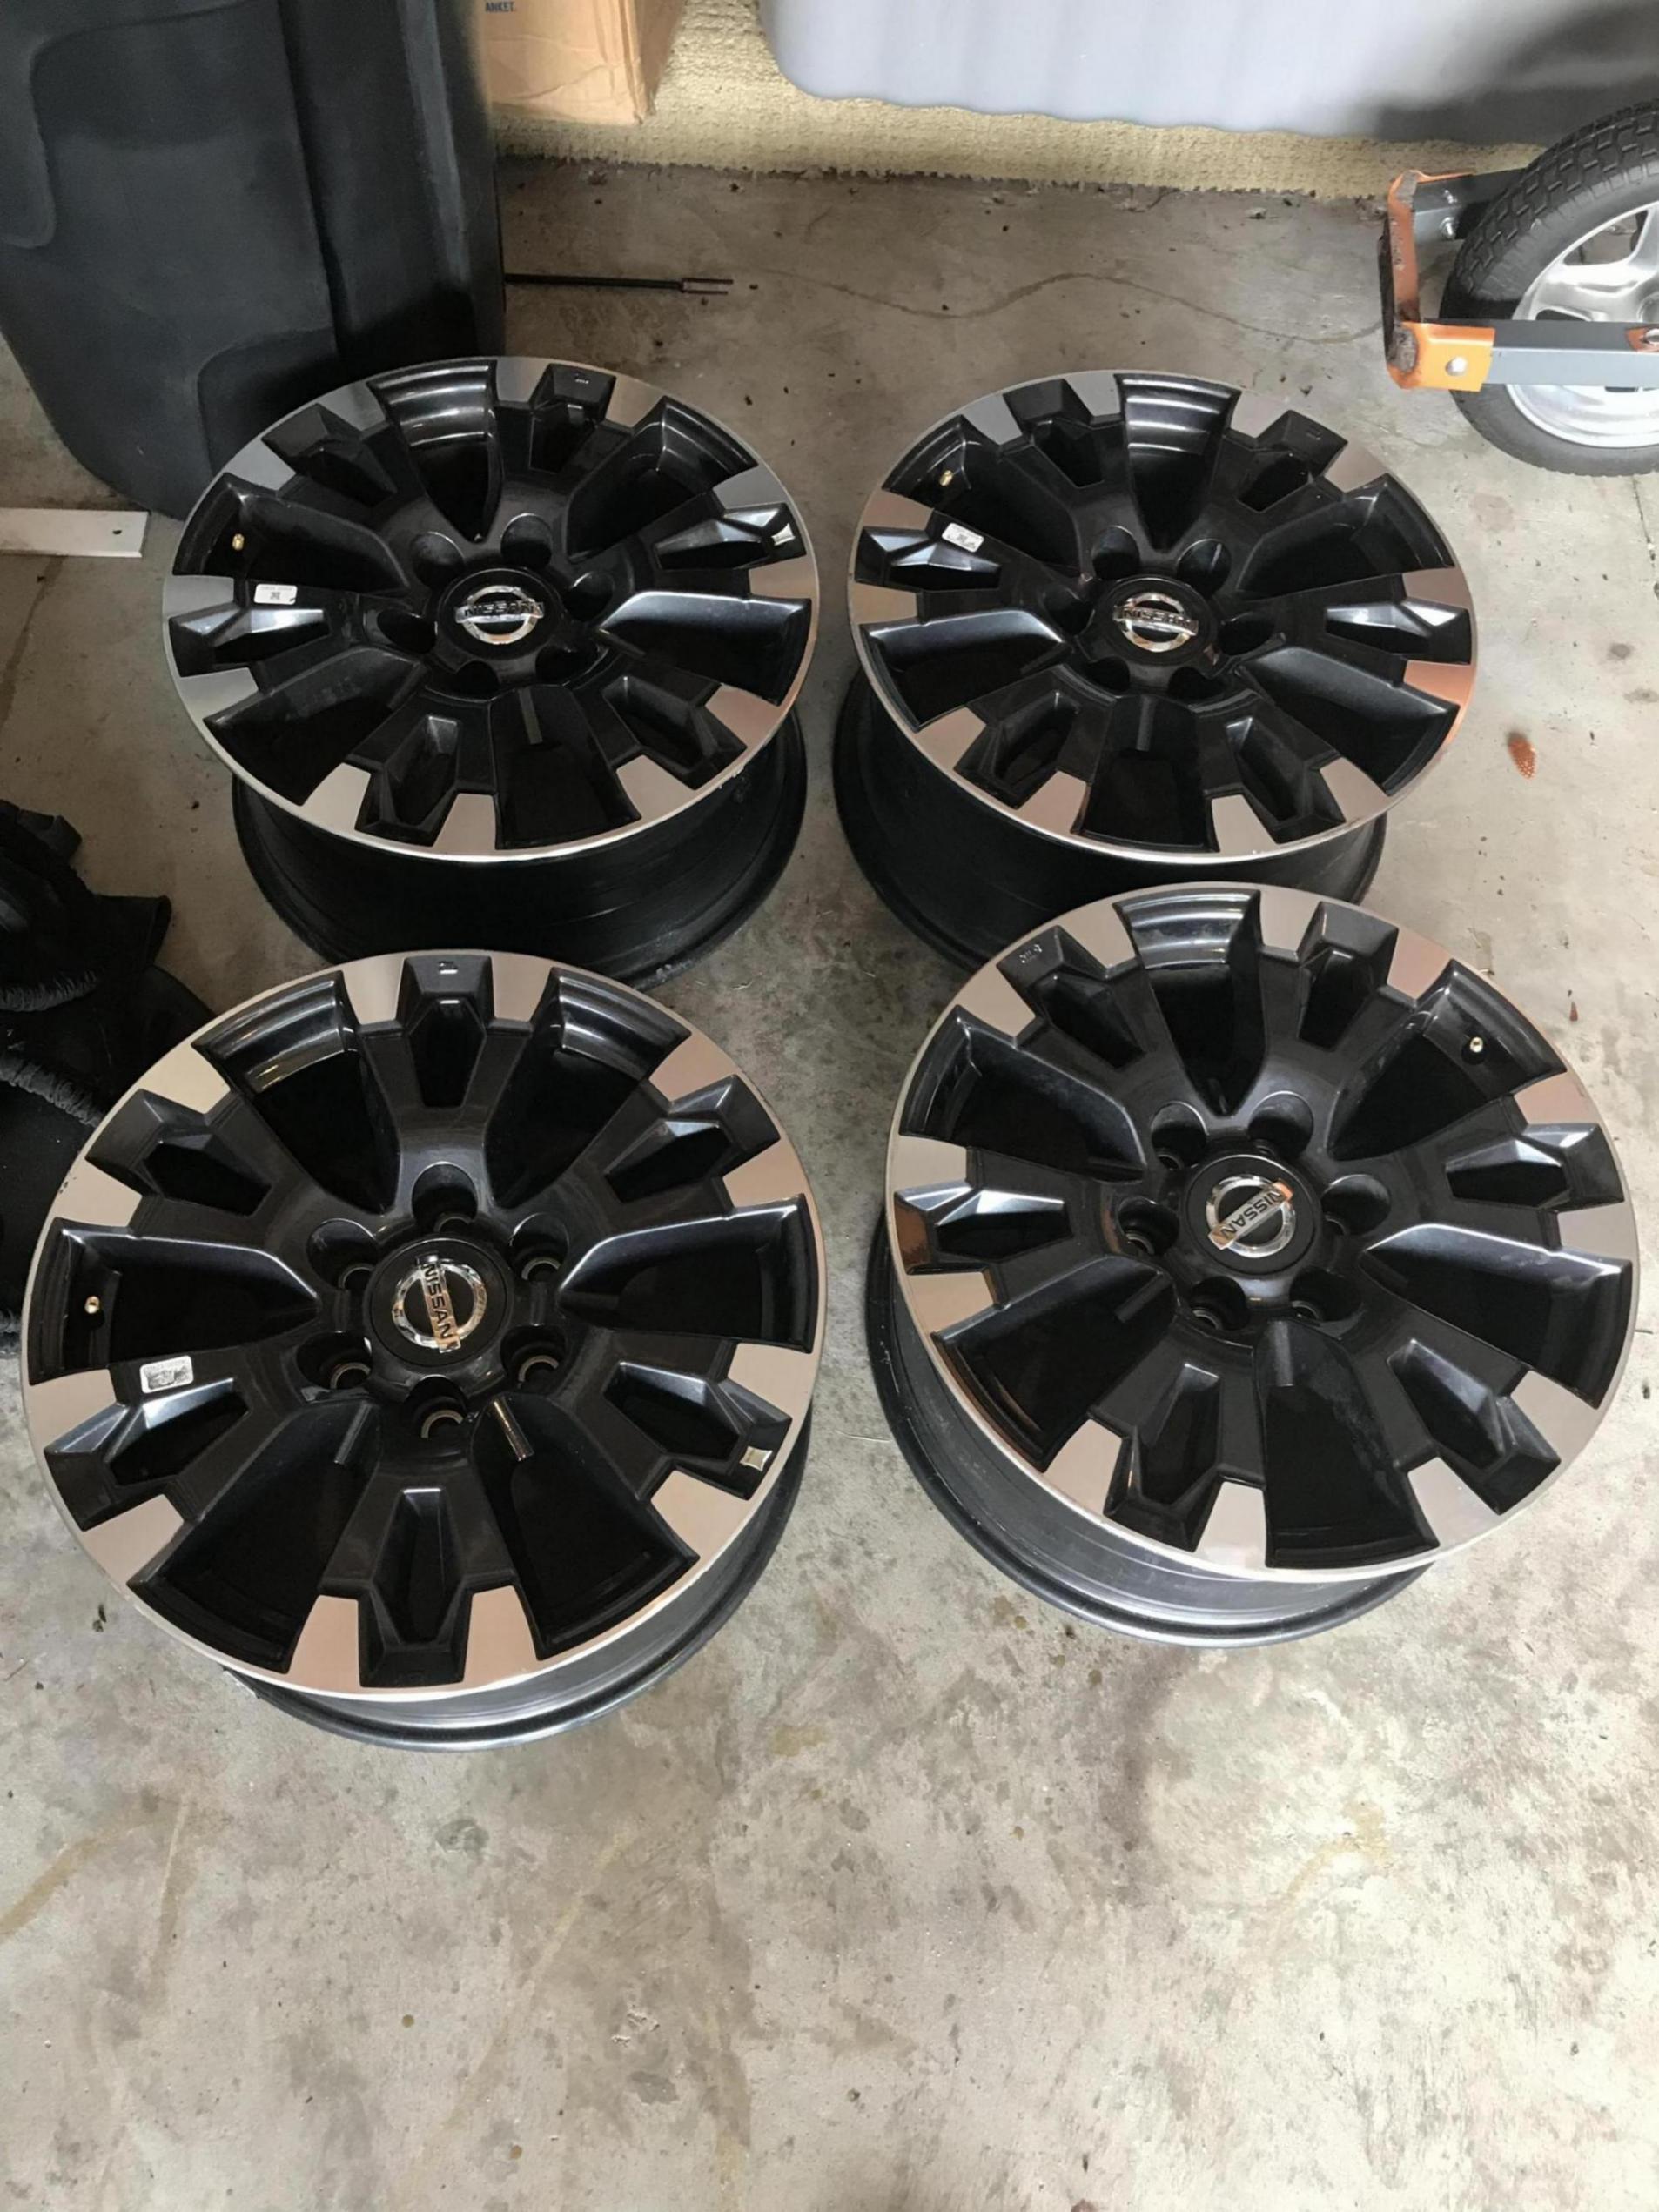 Titan stuff for sale-19401019-9bf6-49b7-919b-b755c26f9835_1560963361238.jpg